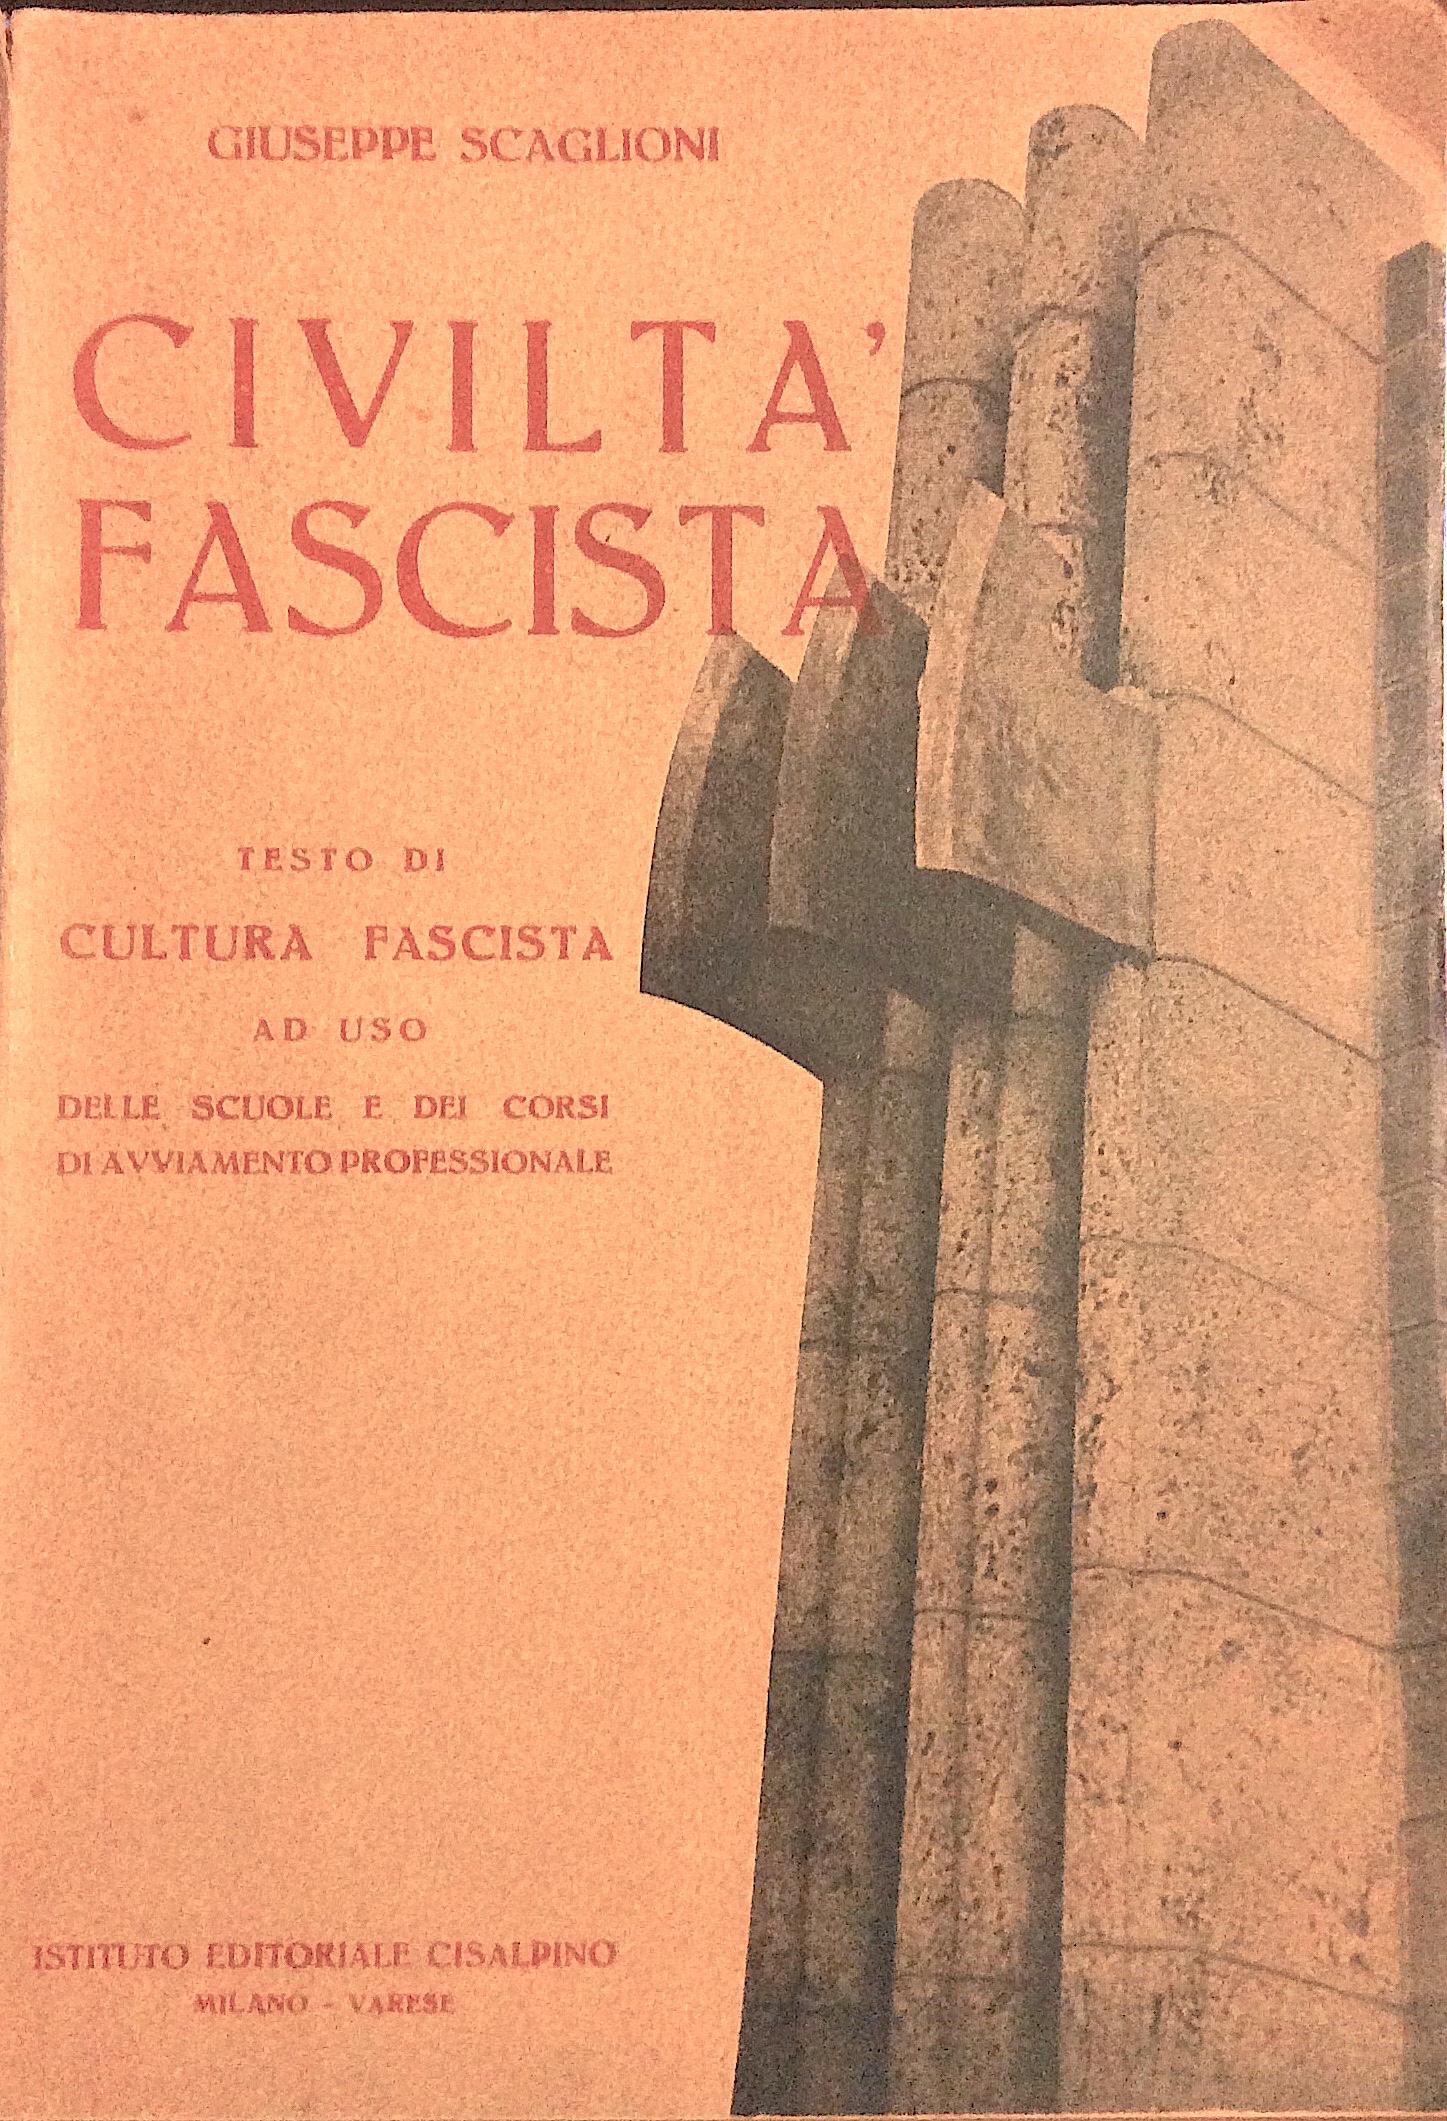 Civiltà fascista